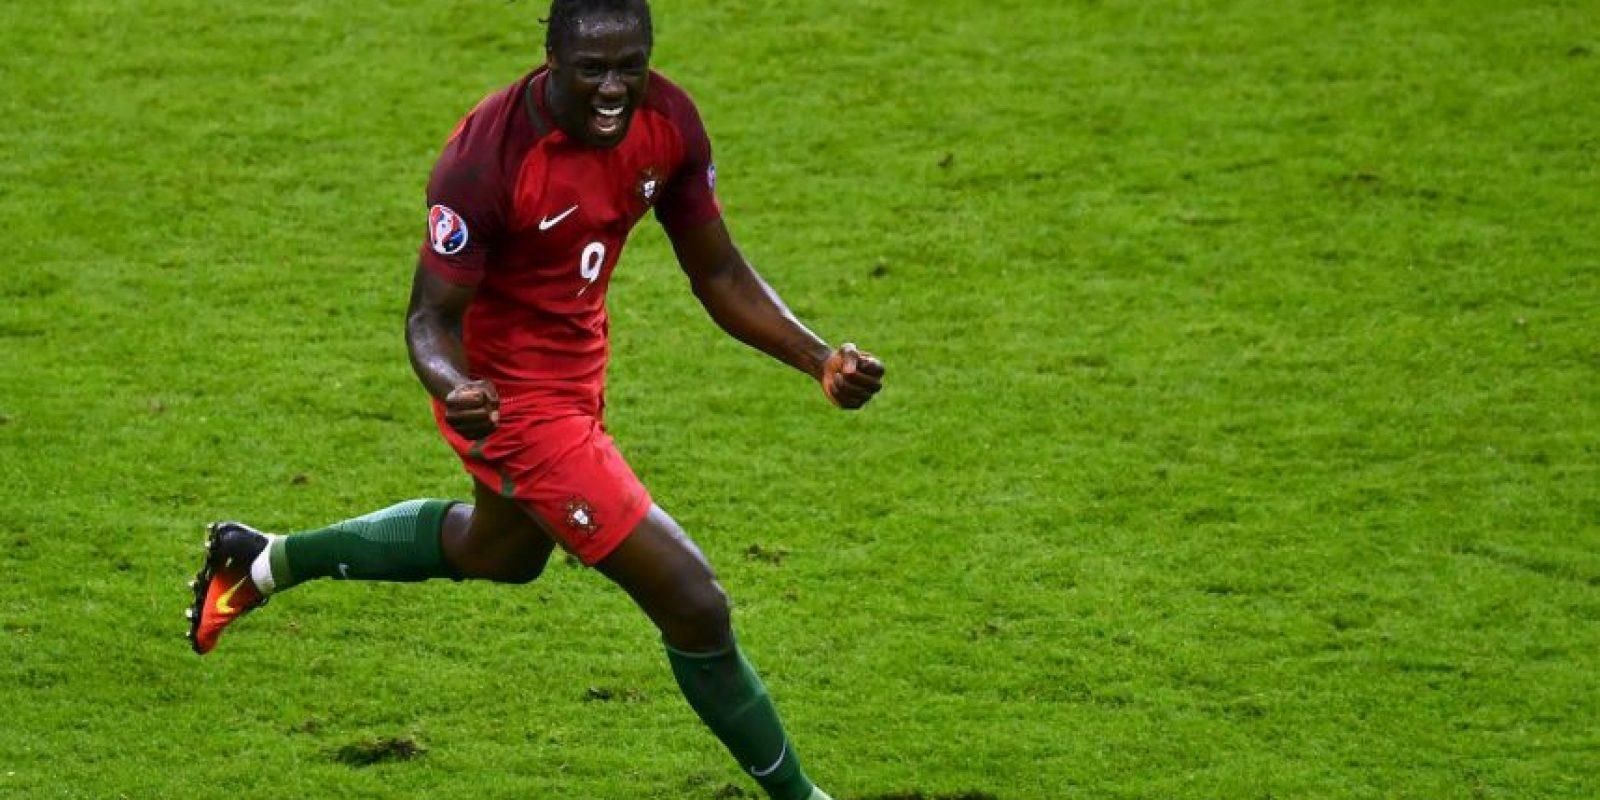 Eder se convirtió en el héroe de Portugal al convertir el gol del triunfo ante Francia Foto:Getty Images